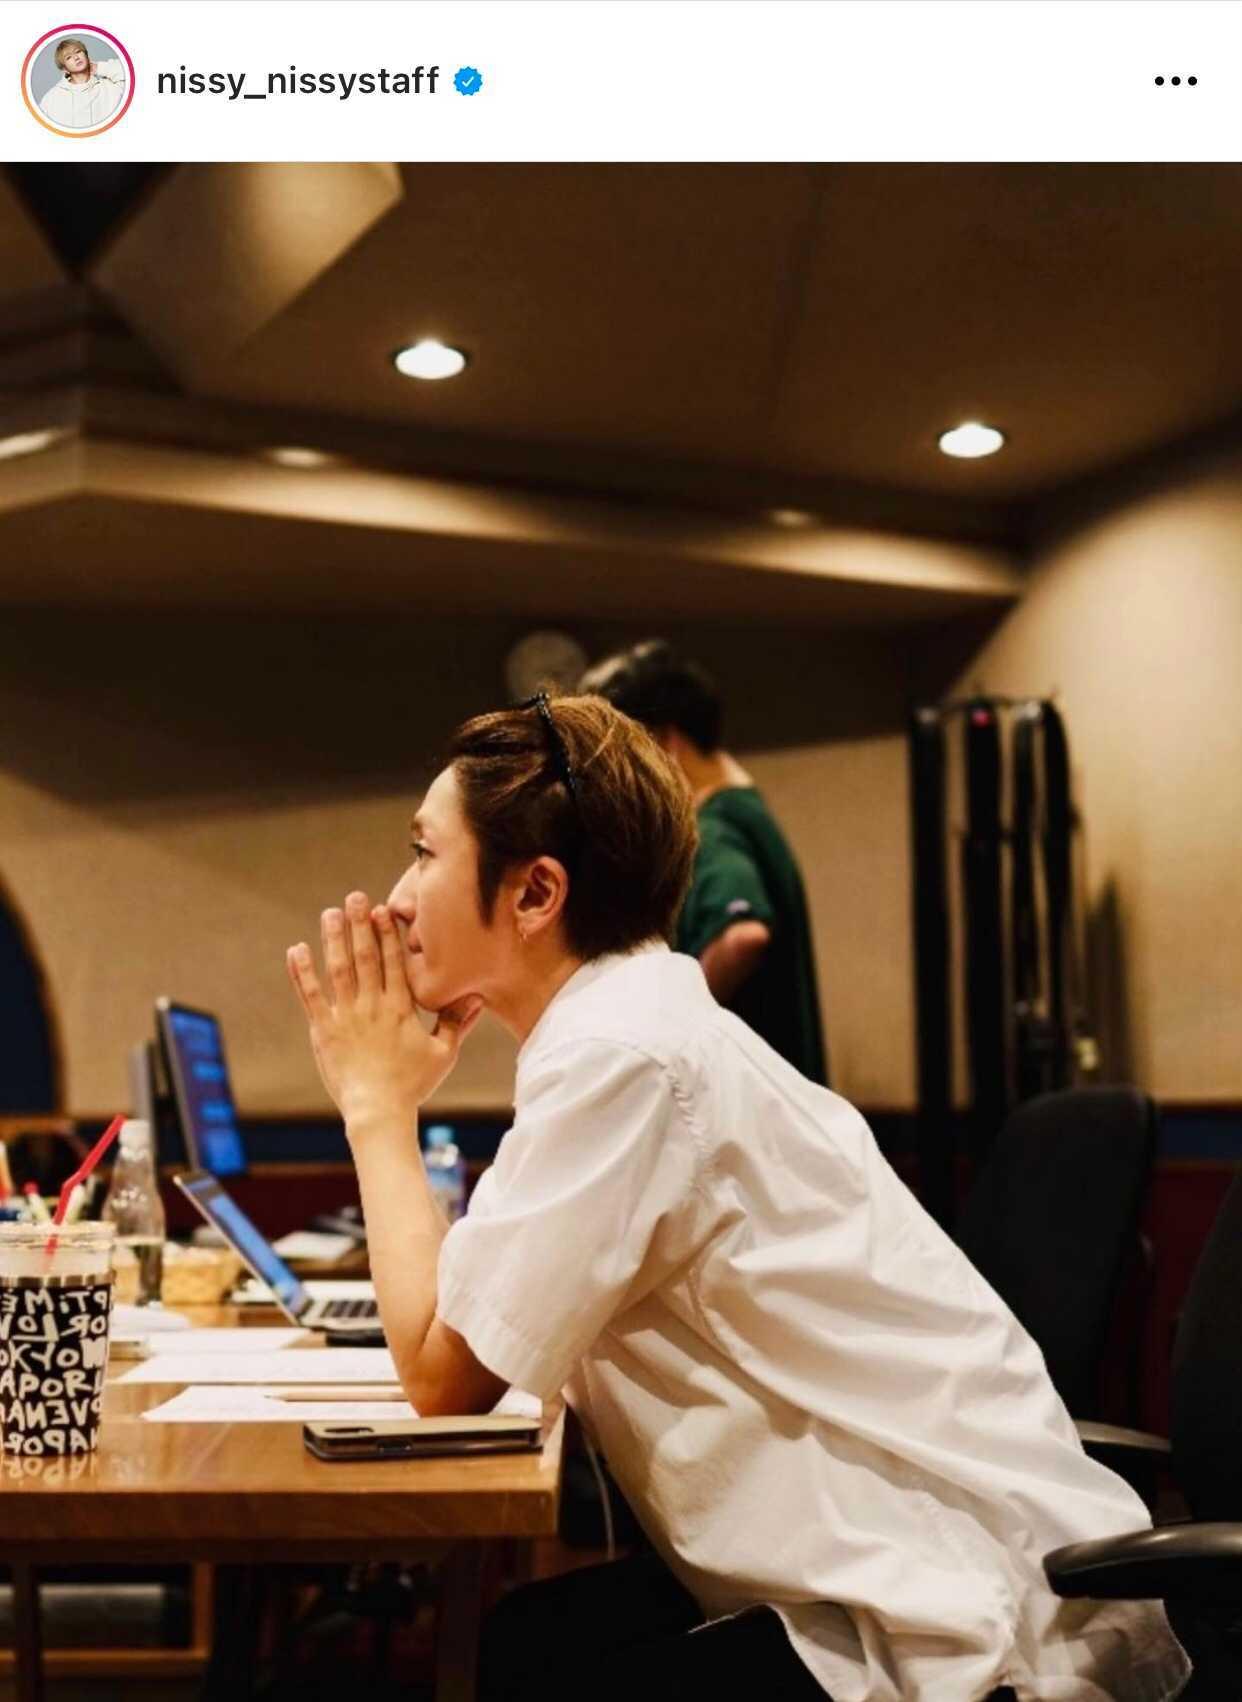 Nissy(西島隆弘)、レコーディング中のおでこ出し横顔SHOTに反響「変わらずカッコイイ」「歌ってる姿すき」